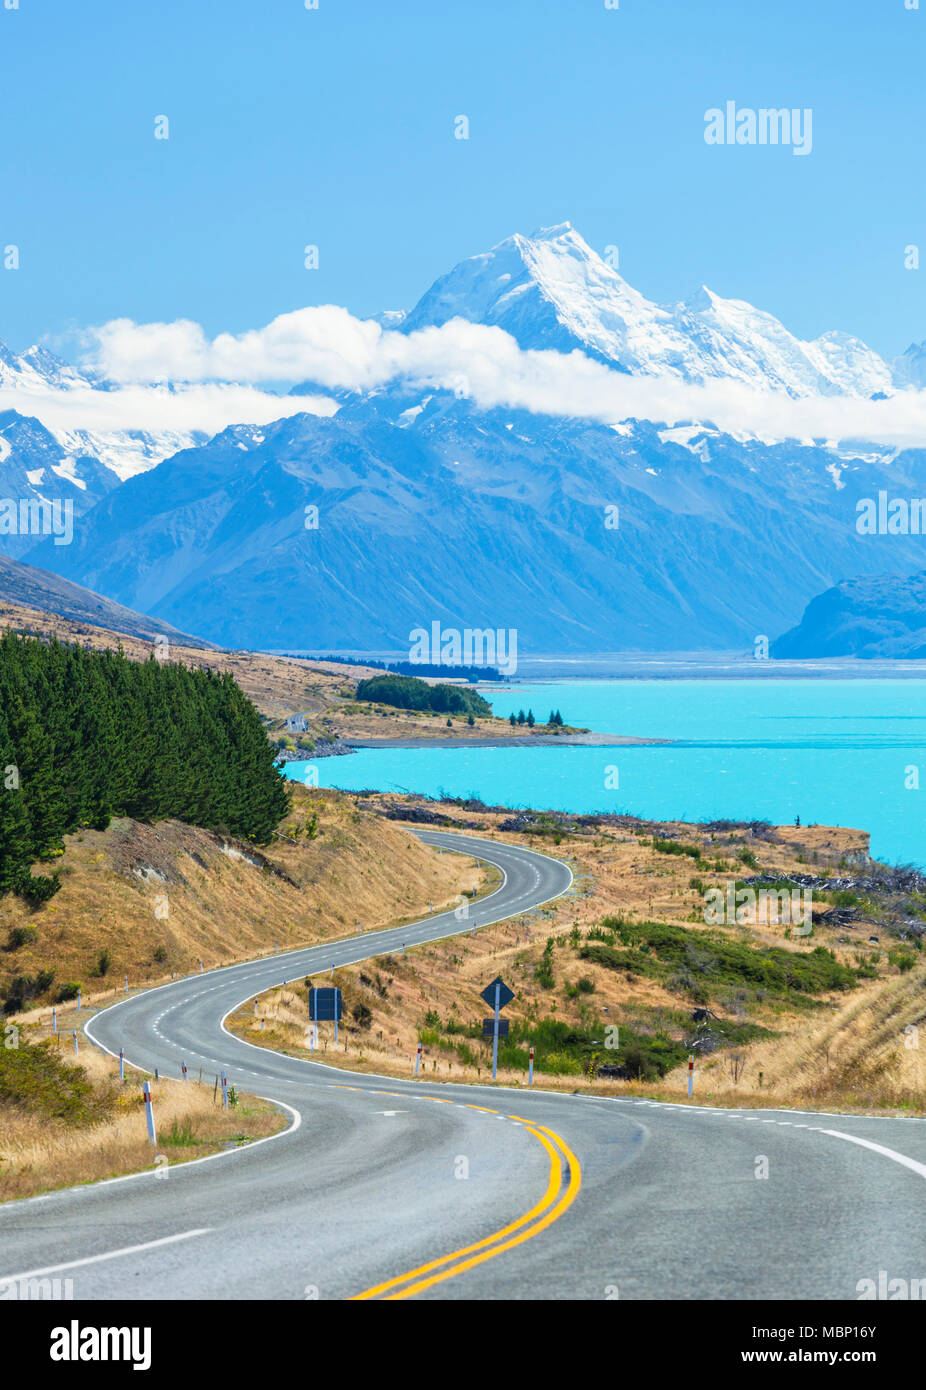 Nueva Zelanda, Isla del Sur, Nueva Zelanda sinuosa carretera a través del parque nacional del monte Cook junto al lago Pukaki glacial nueva zelanda nz distrito mackenzie Foto de stock